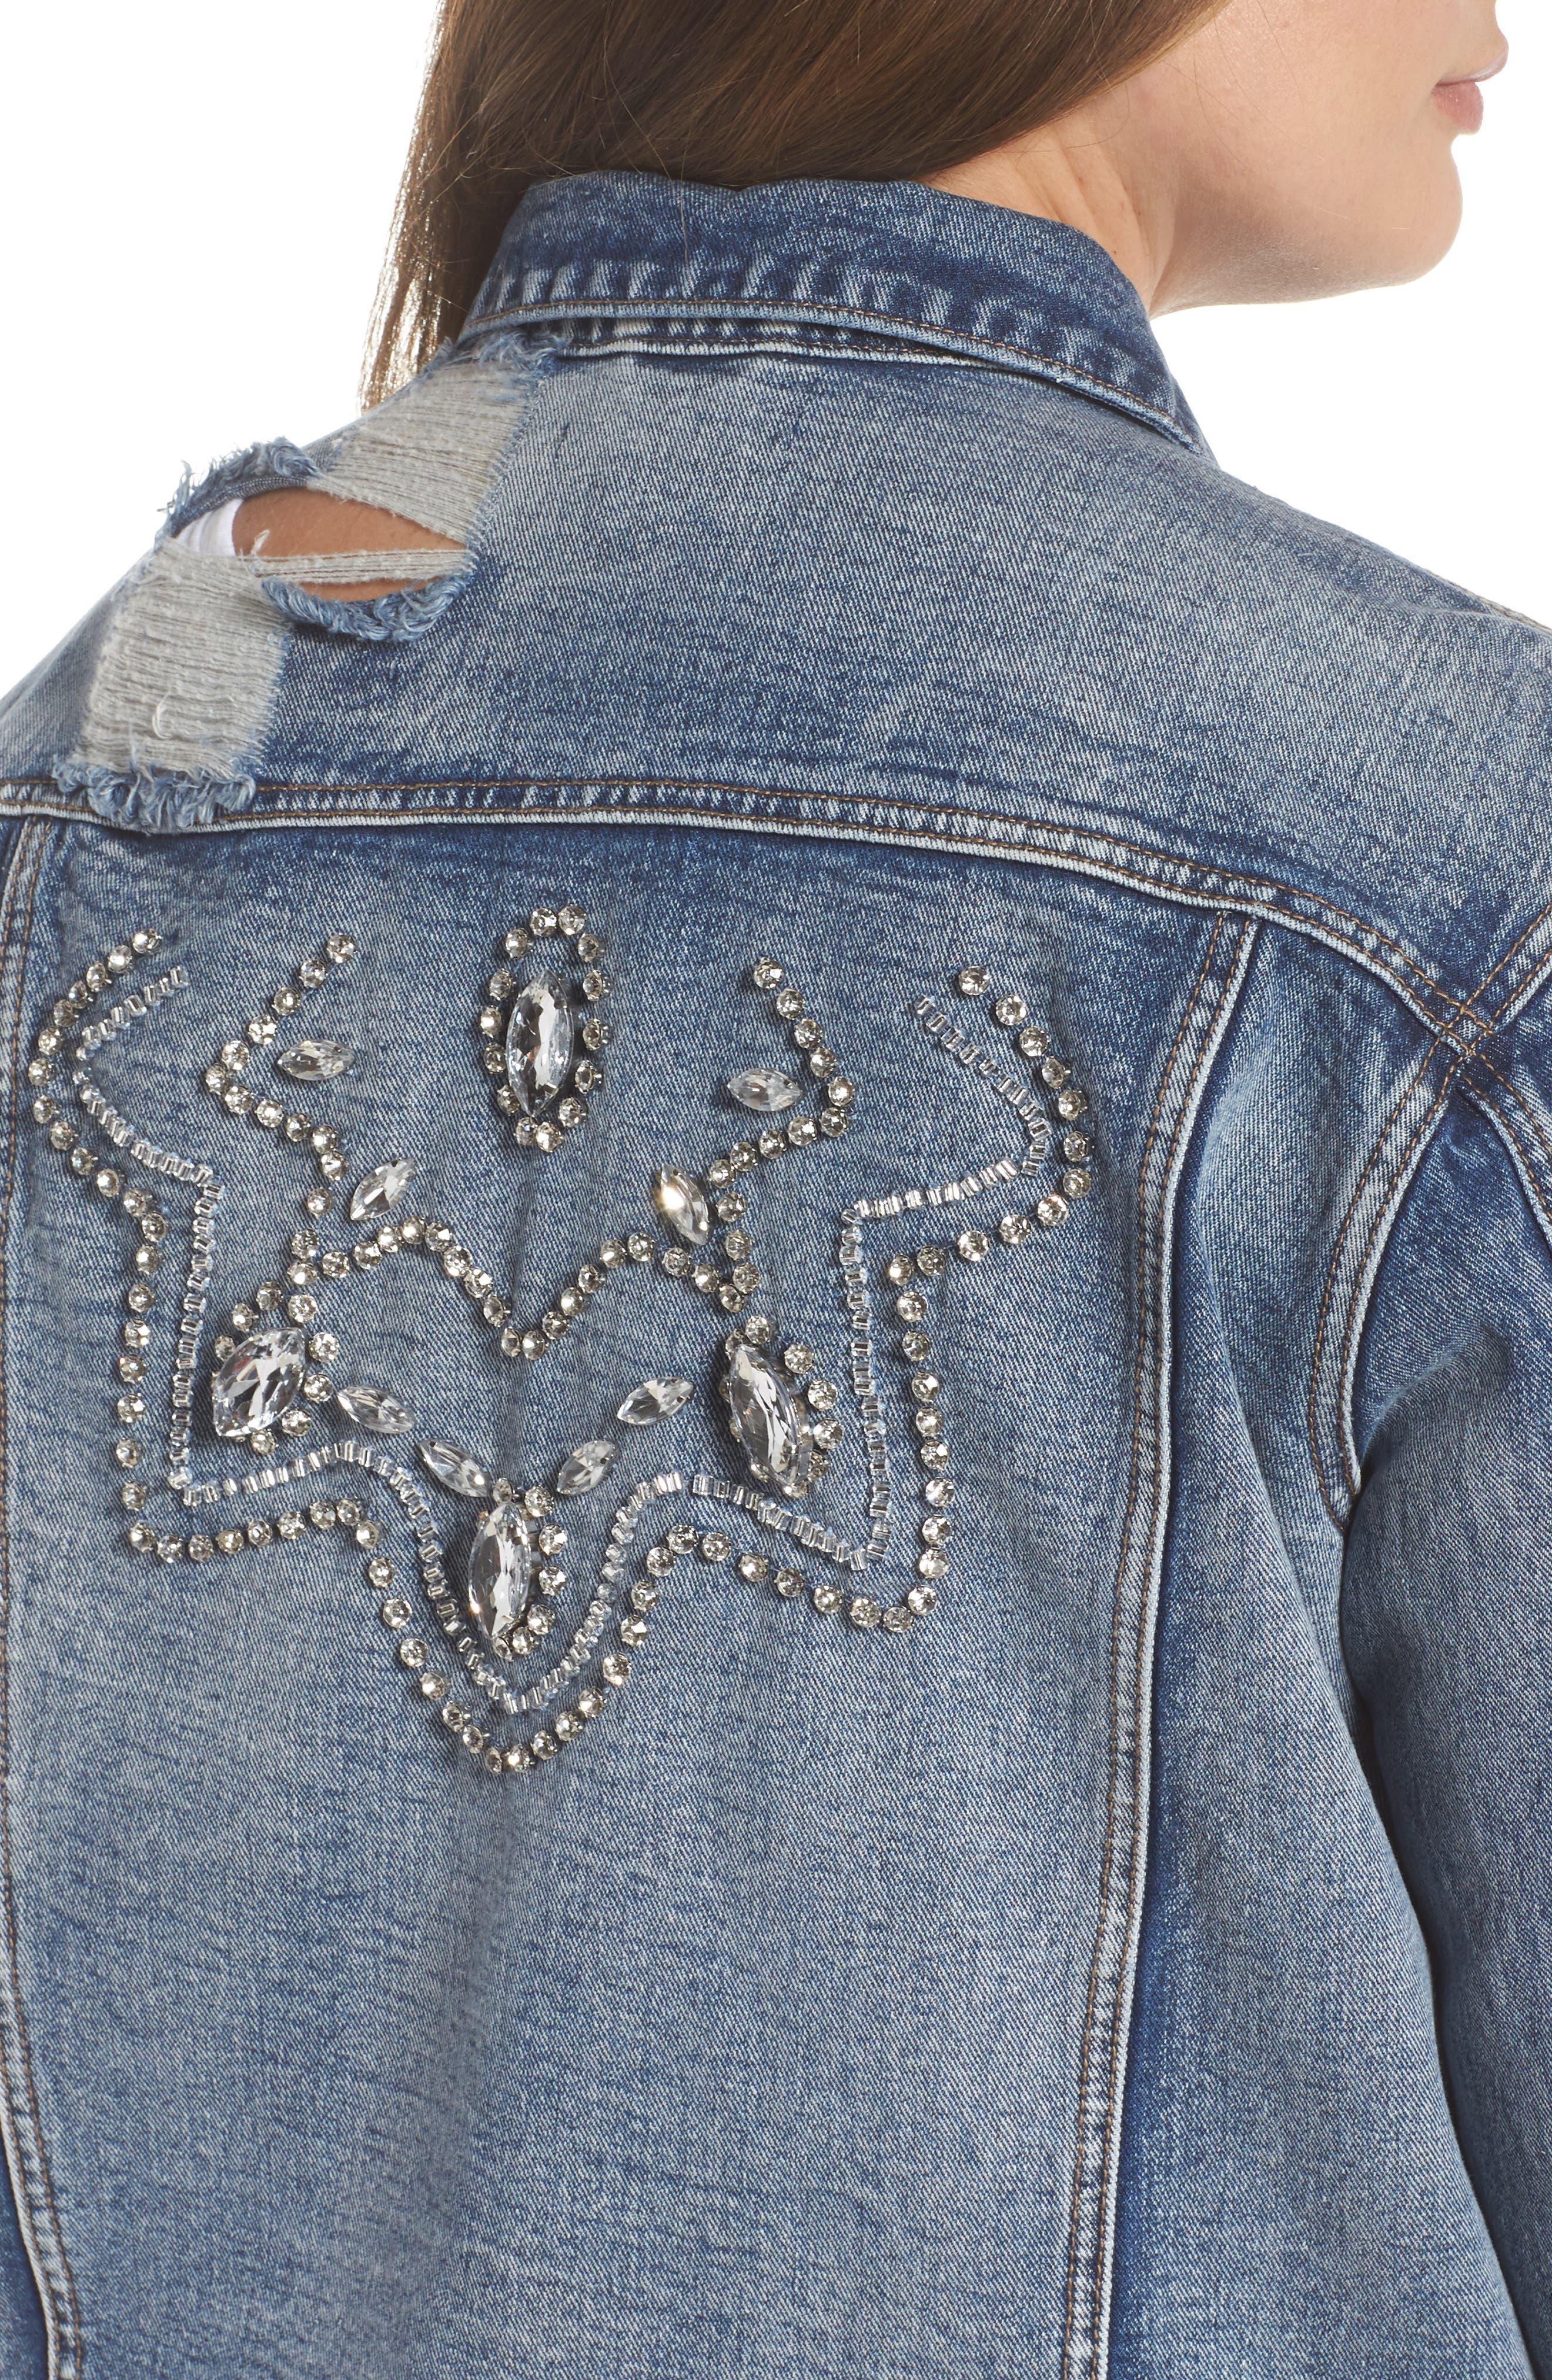 Embellished Distressed Denim Jacket,                             Alternate thumbnail 4, color,                             420